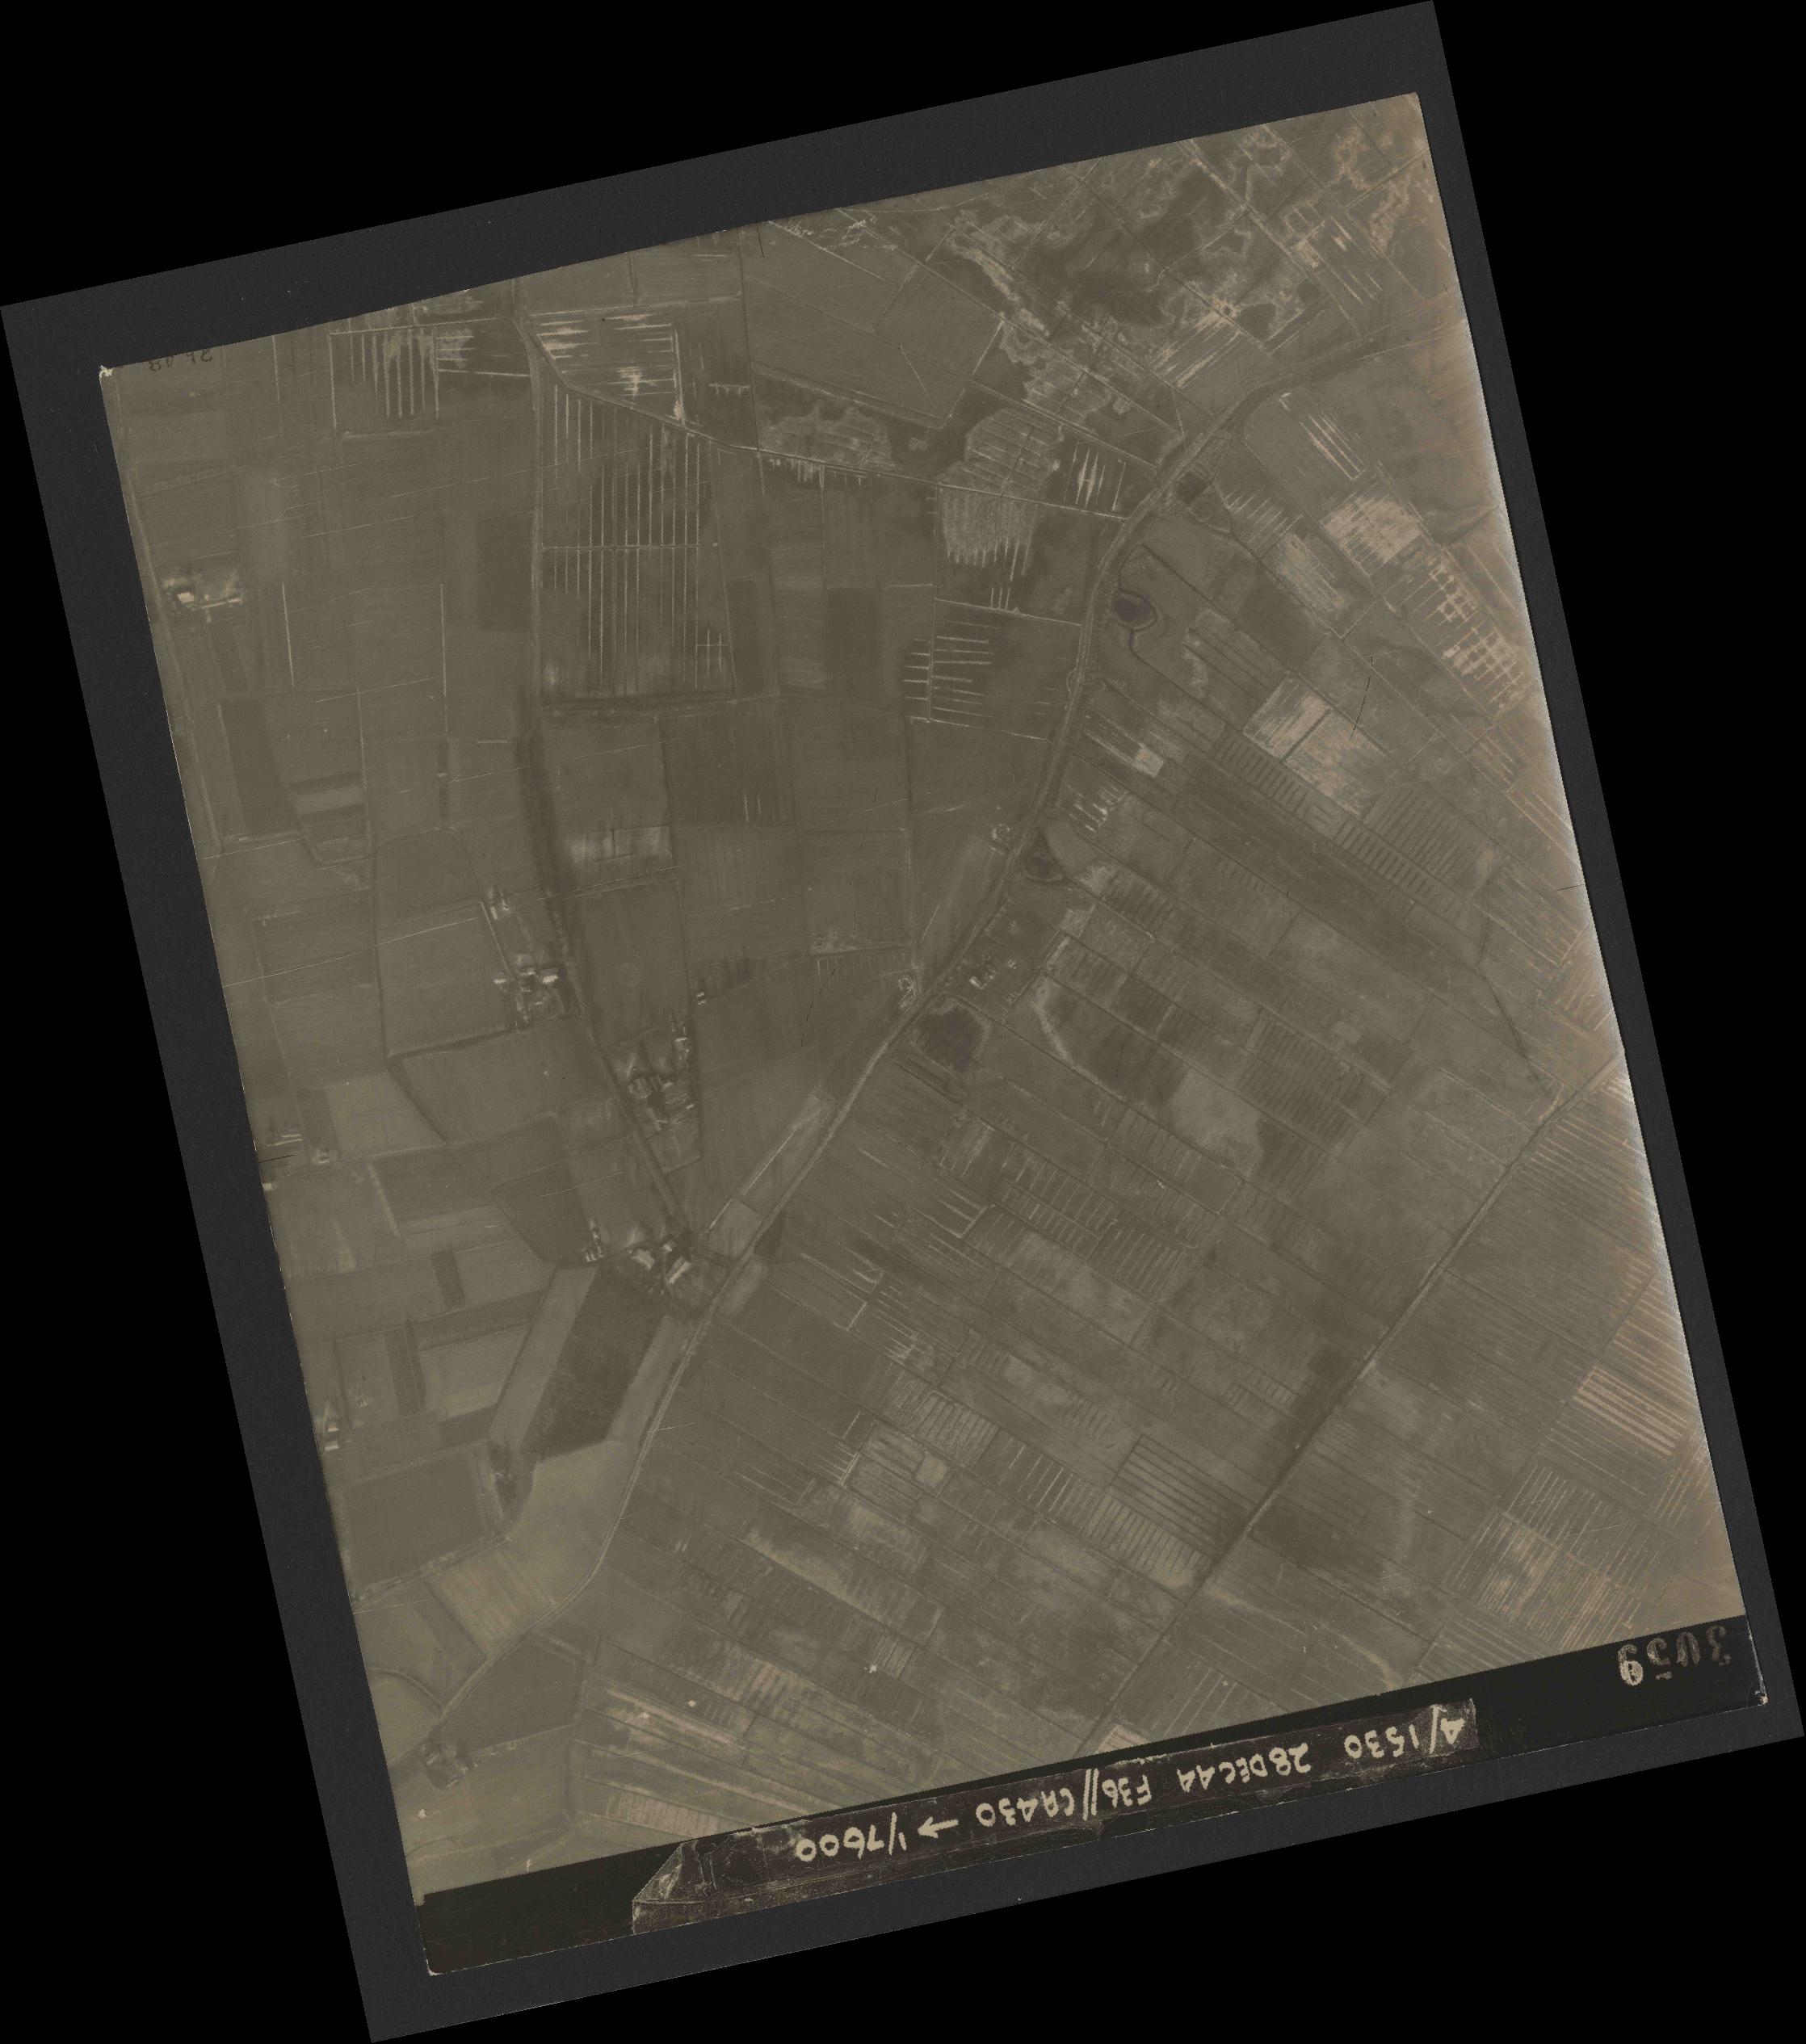 Collection RAF aerial photos 1940-1945 - flight 050, run 06, photo 3059